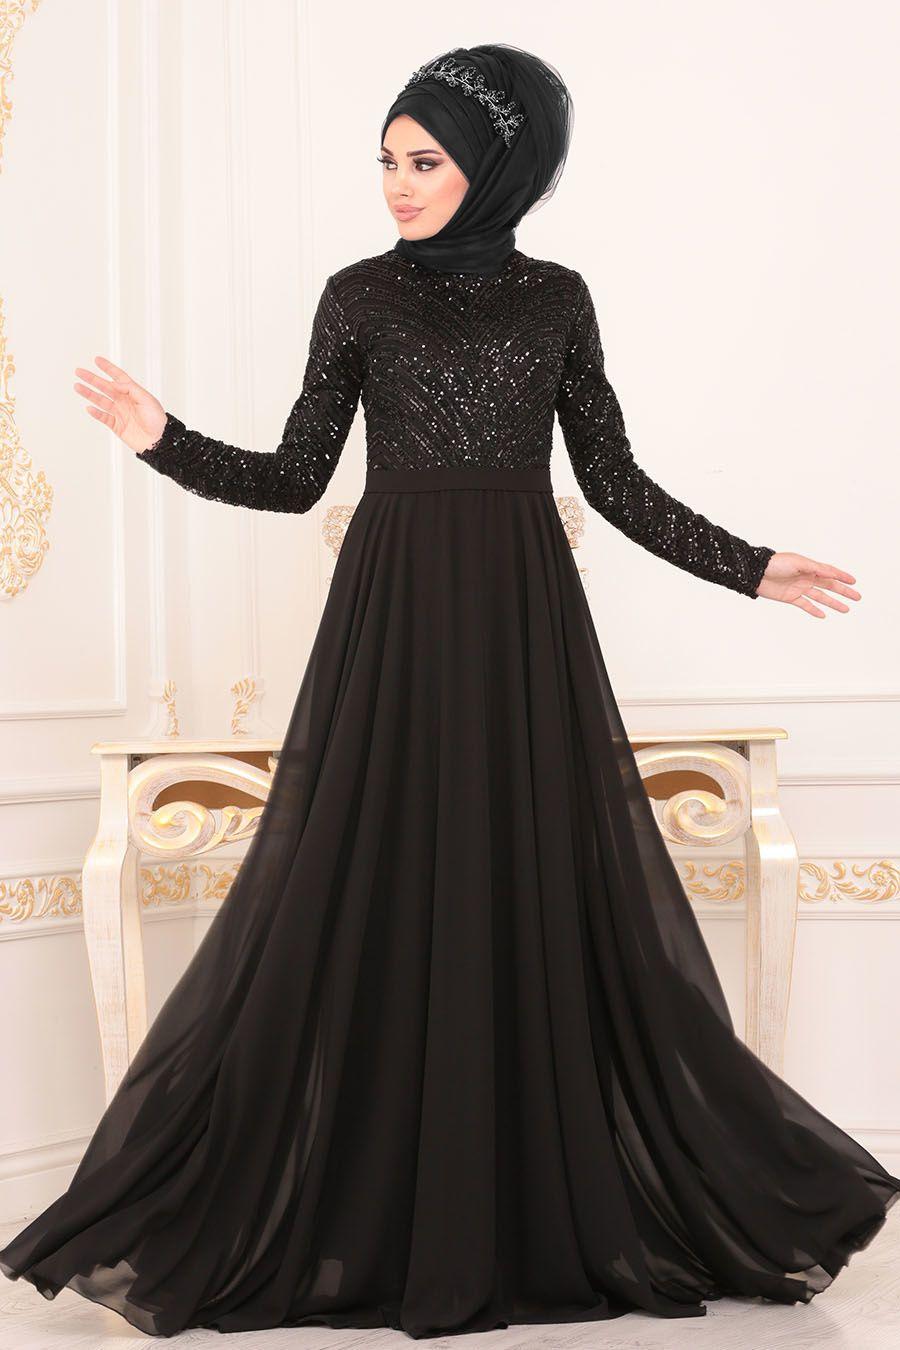 Tesetturlu Abiye Elbiseler Pul Payetli Siyah Tesettur Abiye Elbise 8588s Tesetturisland Com Elbiseler Musluman Elbisesi Elbise